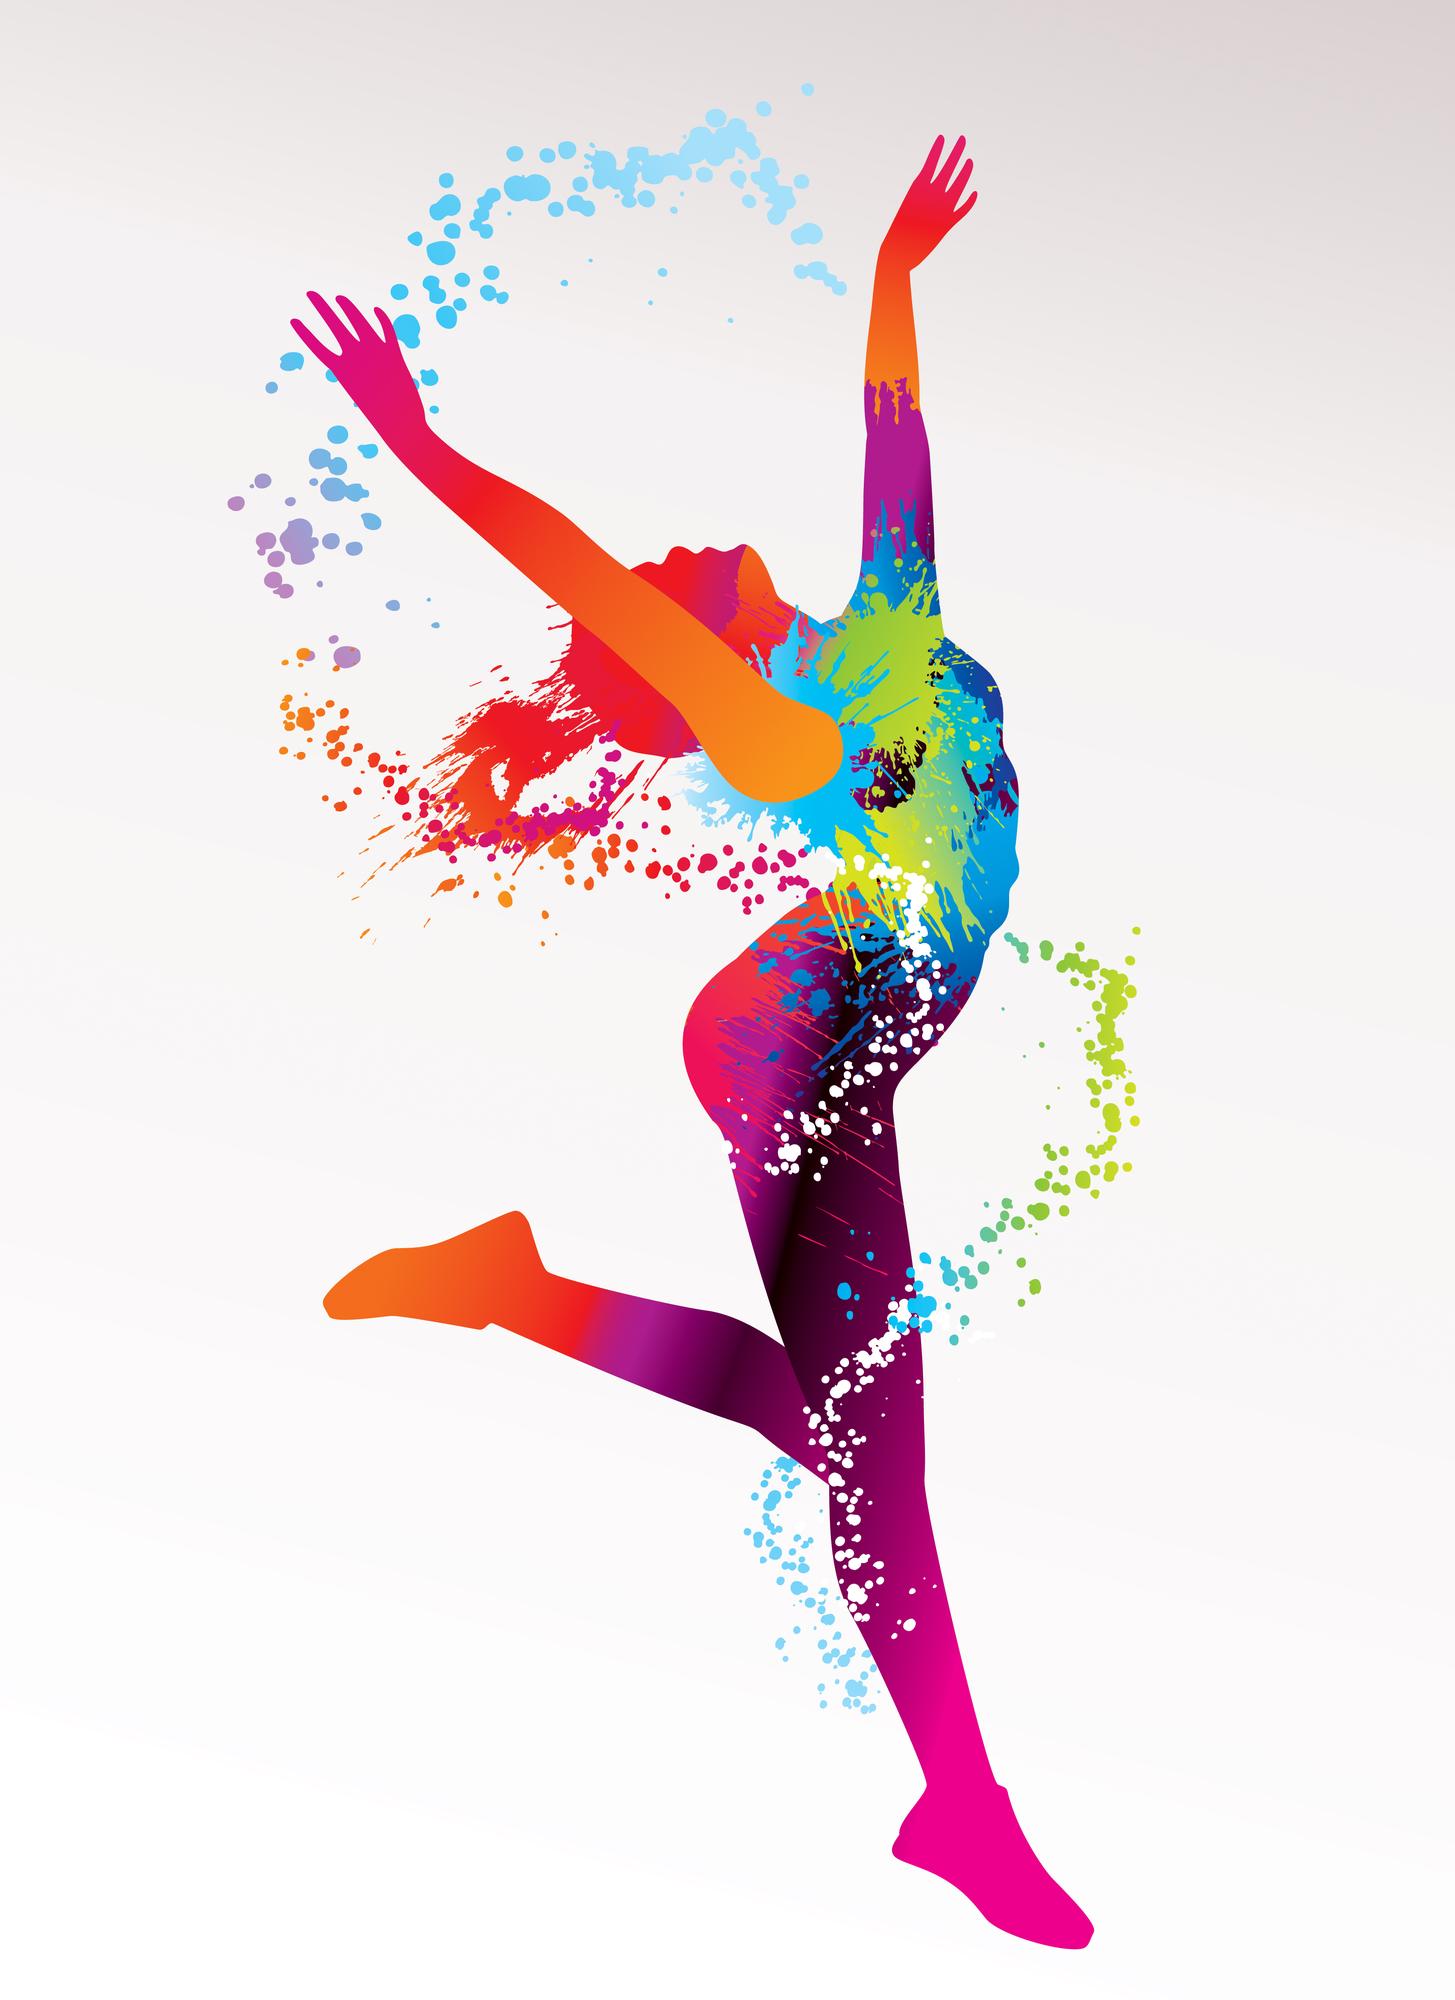 я танцую разноцветные картинки губы должны быть